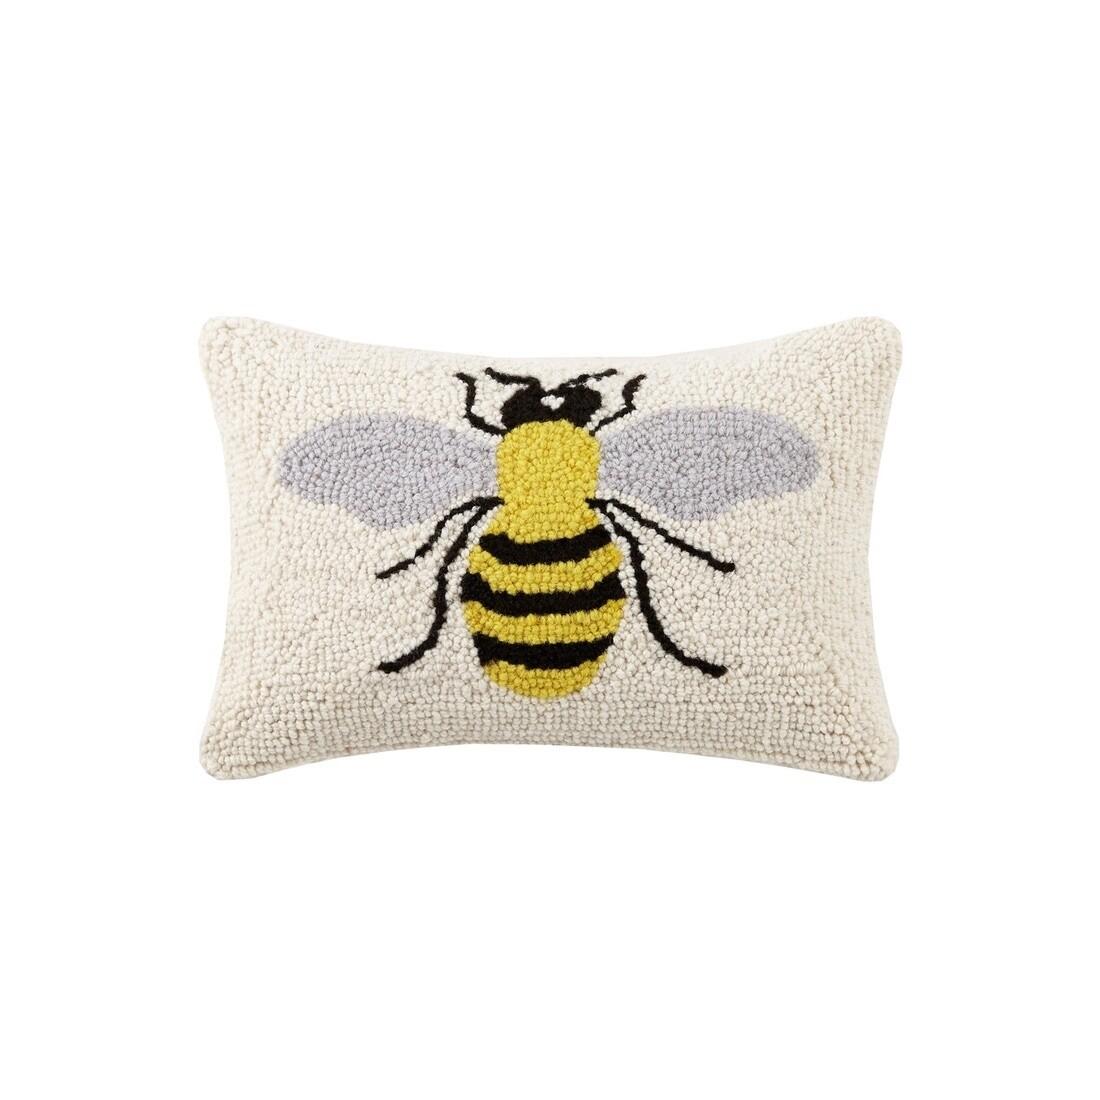 HP bee pillow 8x12